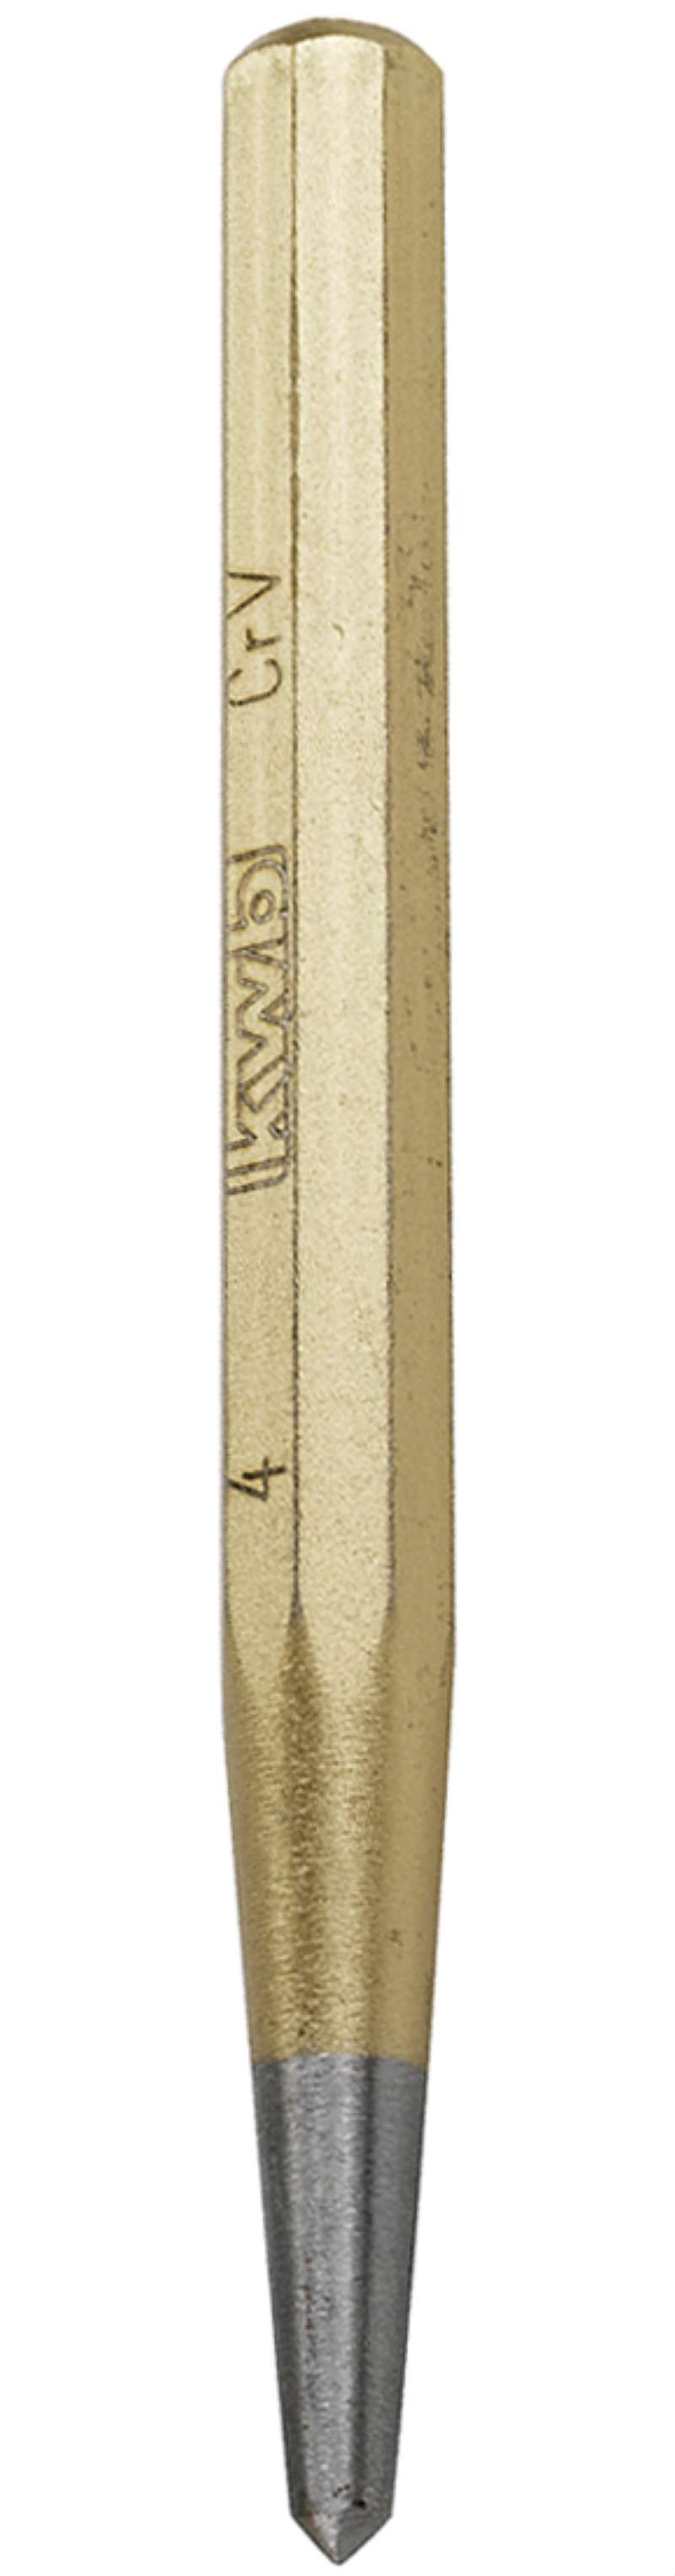 Кернер Kwb 3180-00